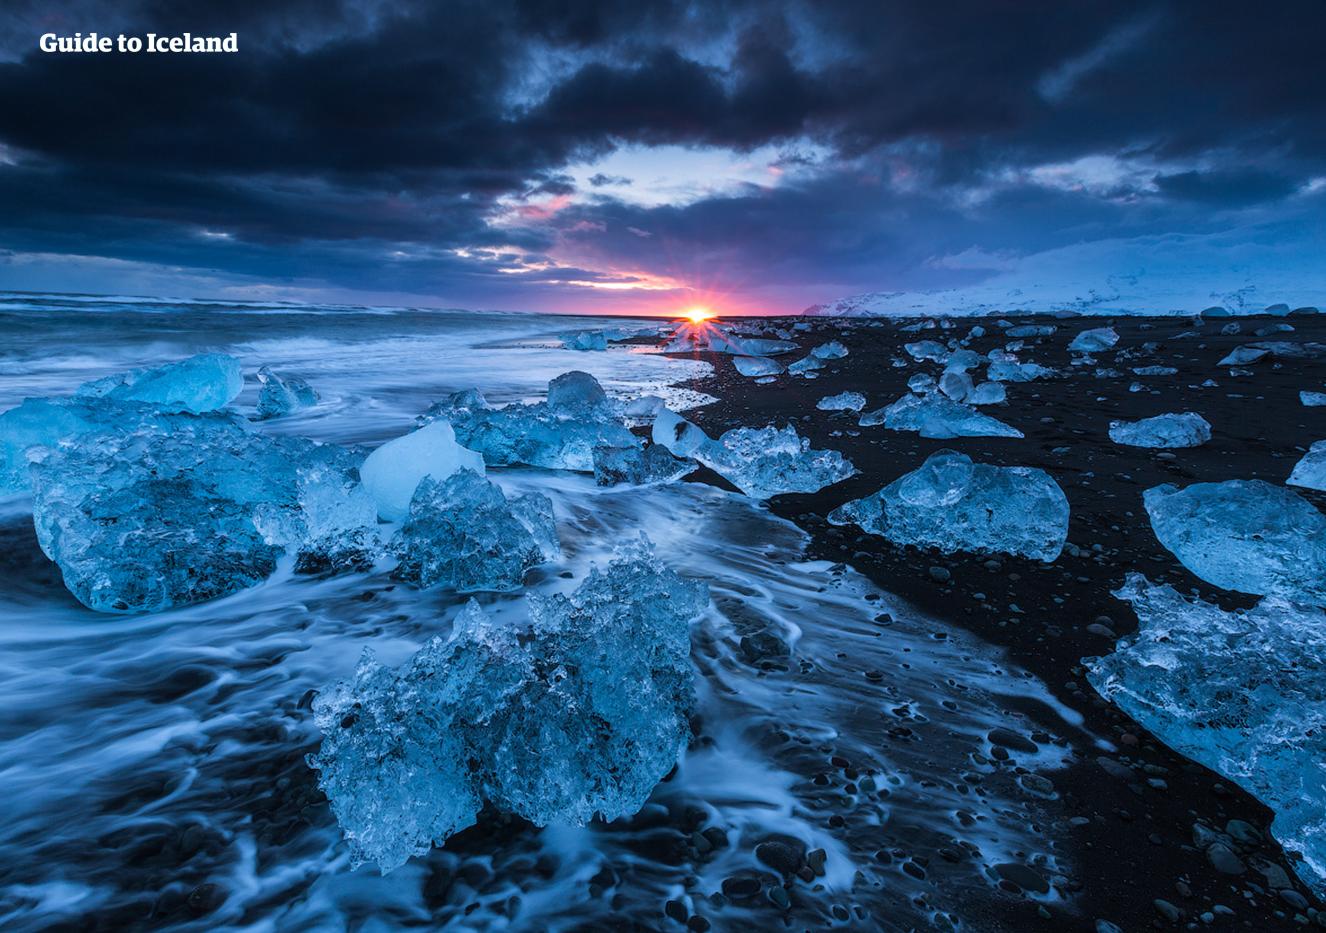 Tijdens een autorondreis in de winter kun je 's avonds Diamond Beach bezoeken om te zien hoe de zon ondergaat tussen glinsterende ijsbergen.